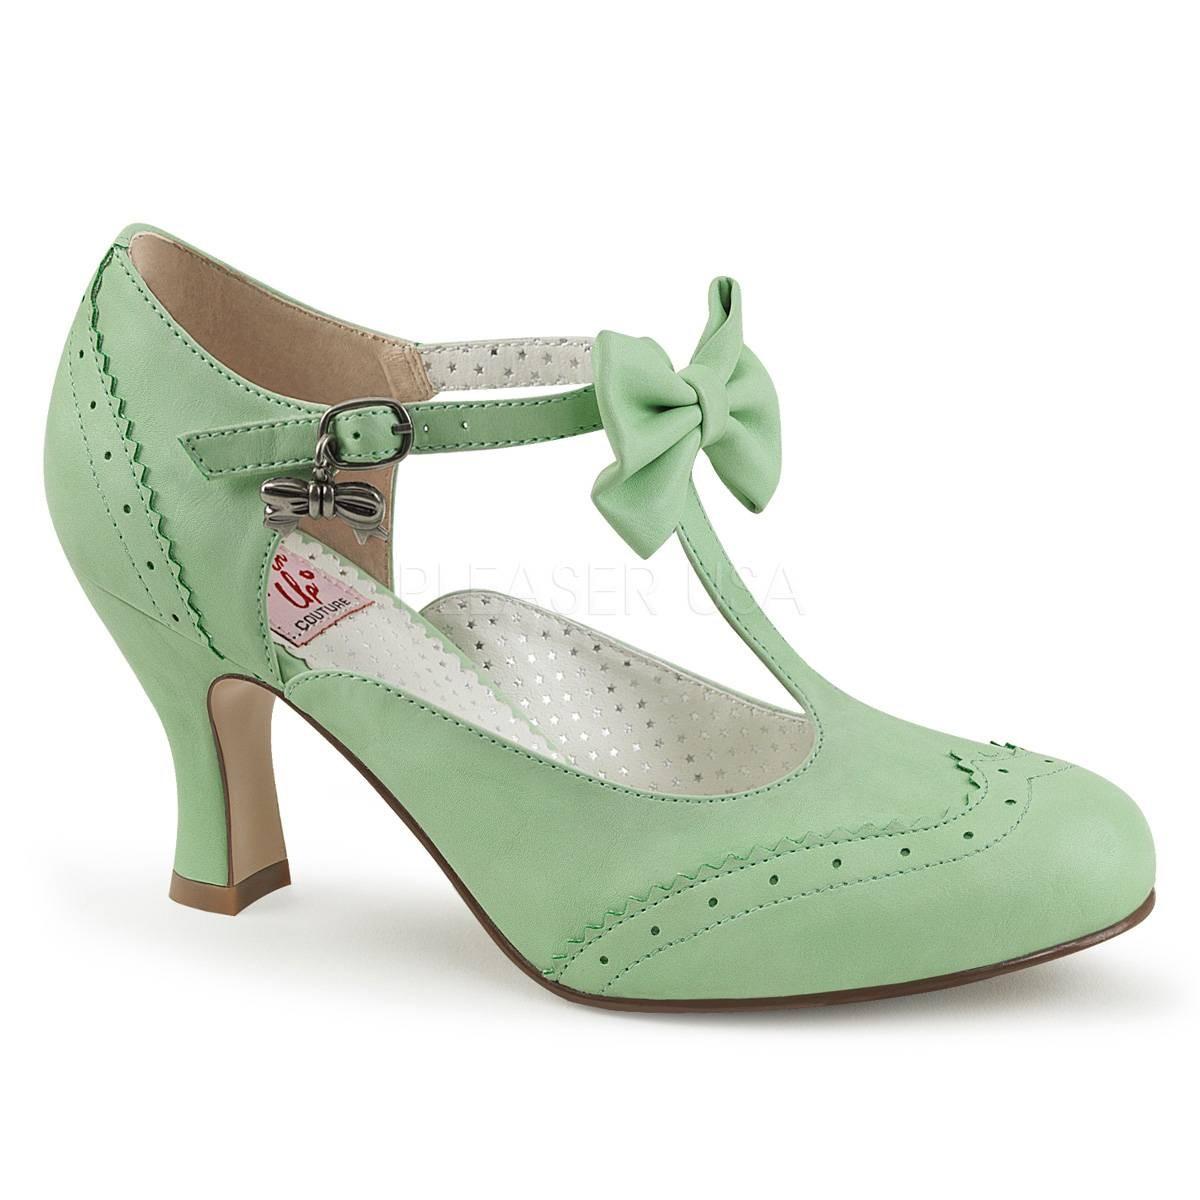 Pumps - FLAPPER 11 ° Damen Pumps ° MinzeMatt ° Pin Up Couture  - Onlineshop RedSixty